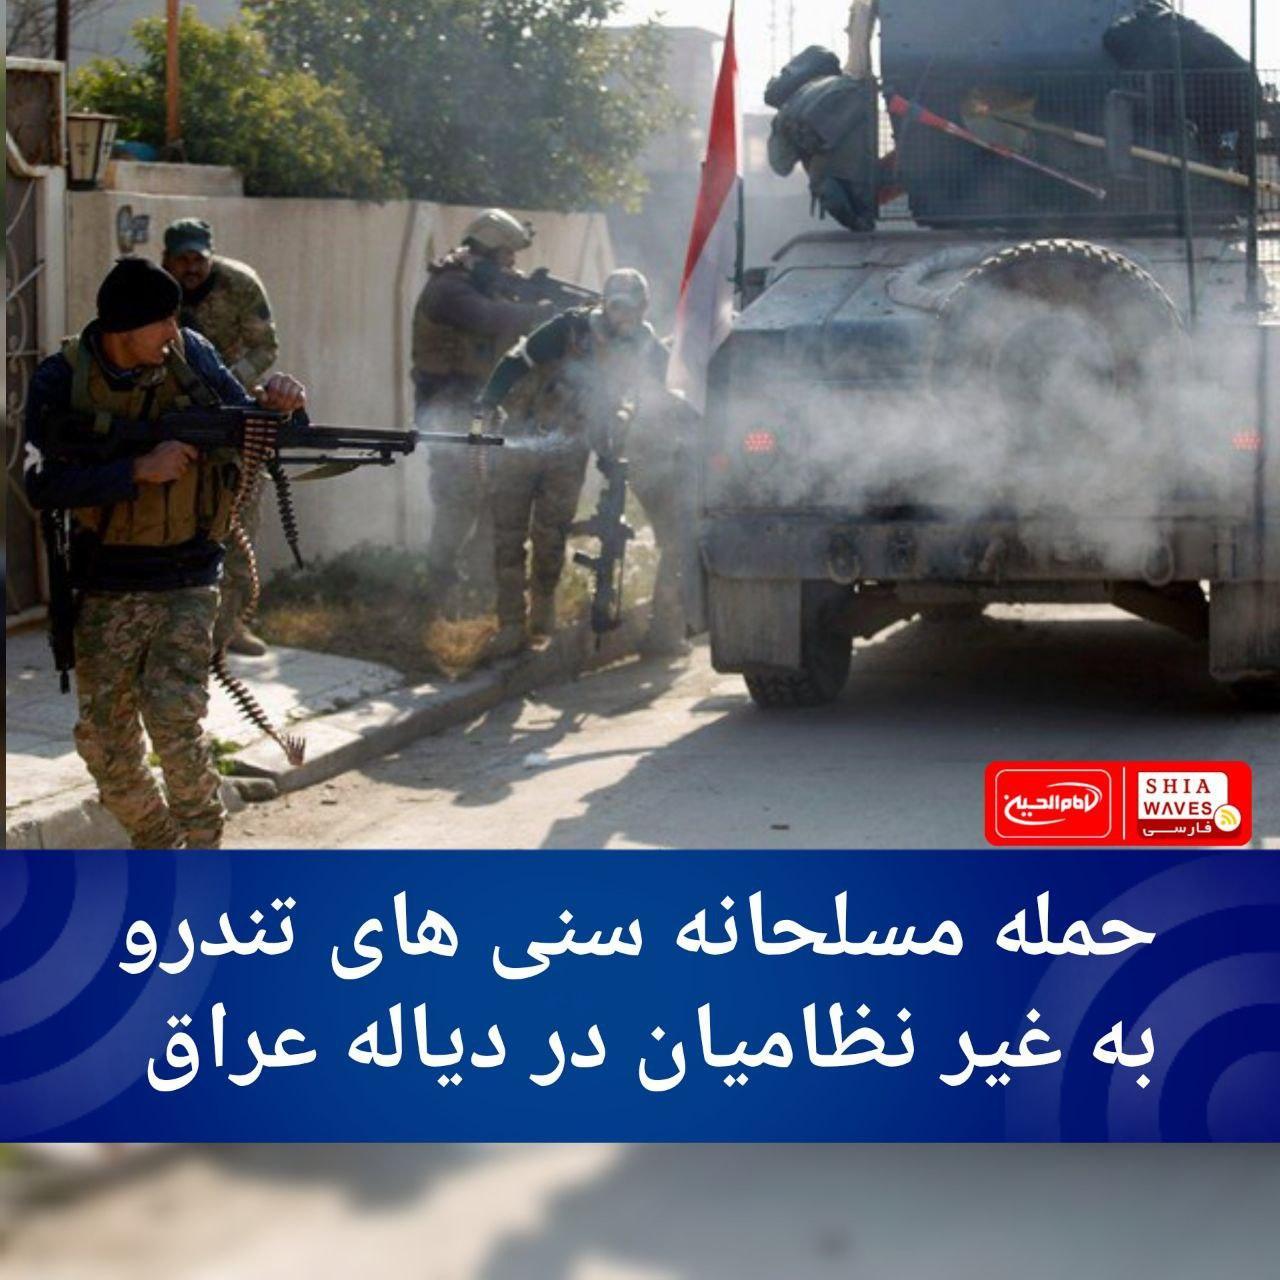 تصویر حمله مسلحانه سنی های تندرو به غیر نظامیان در دیاله عراق